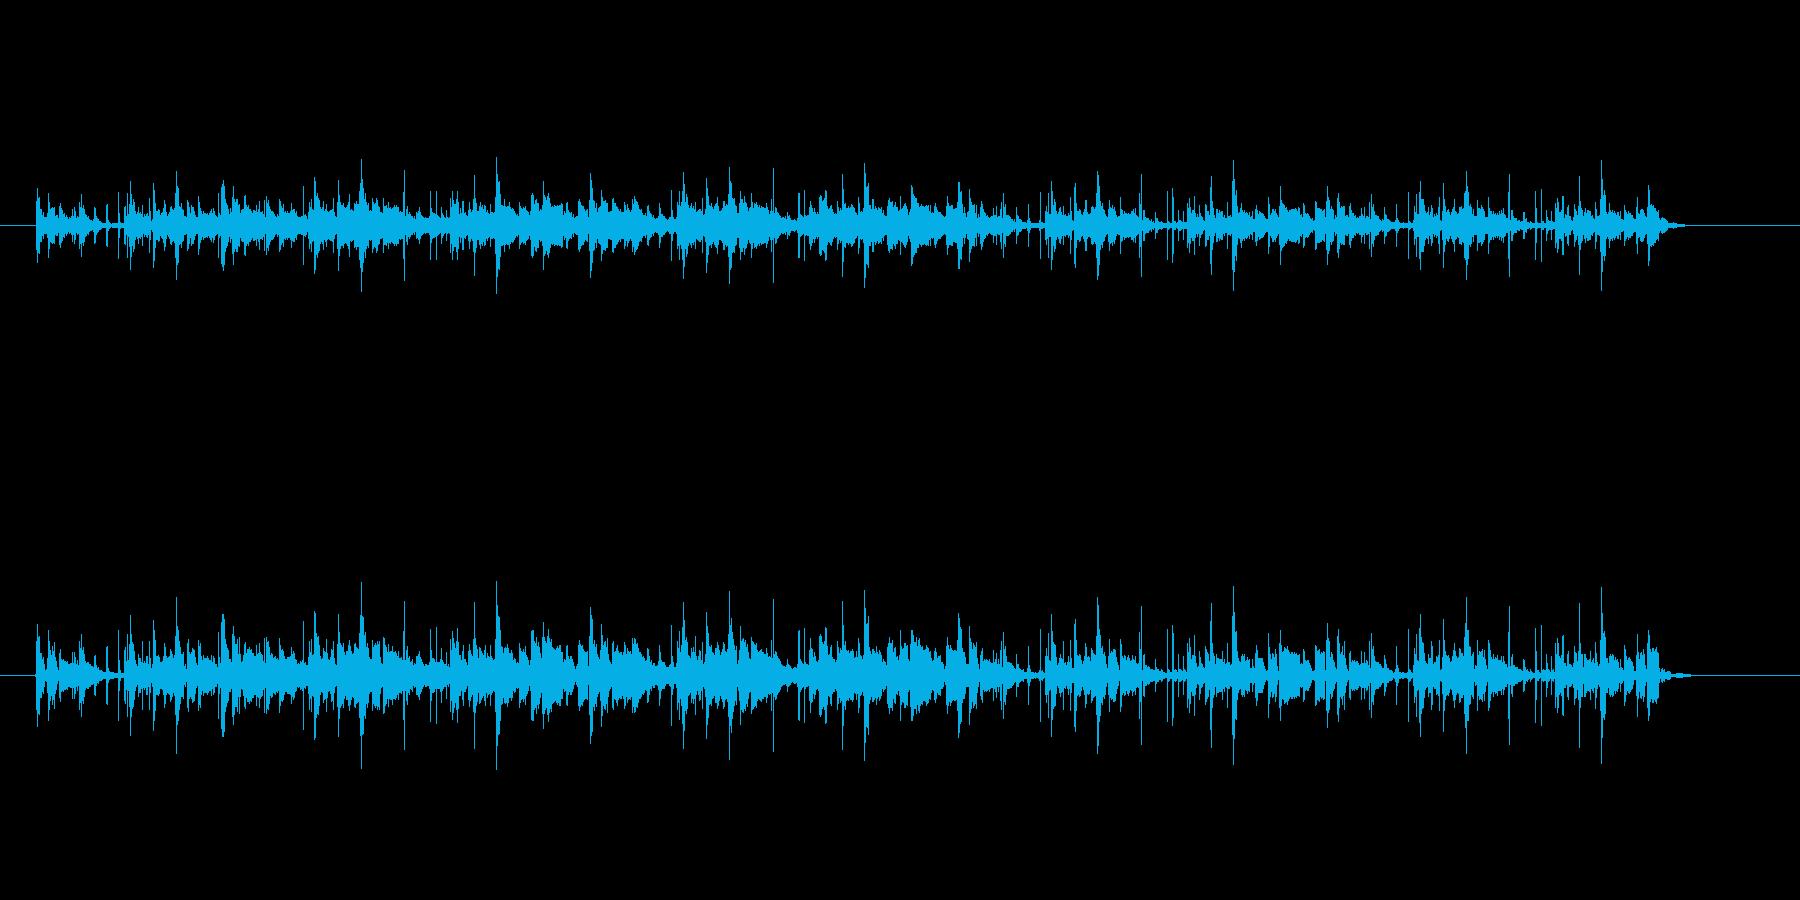 中近東音楽風の再生済みの波形